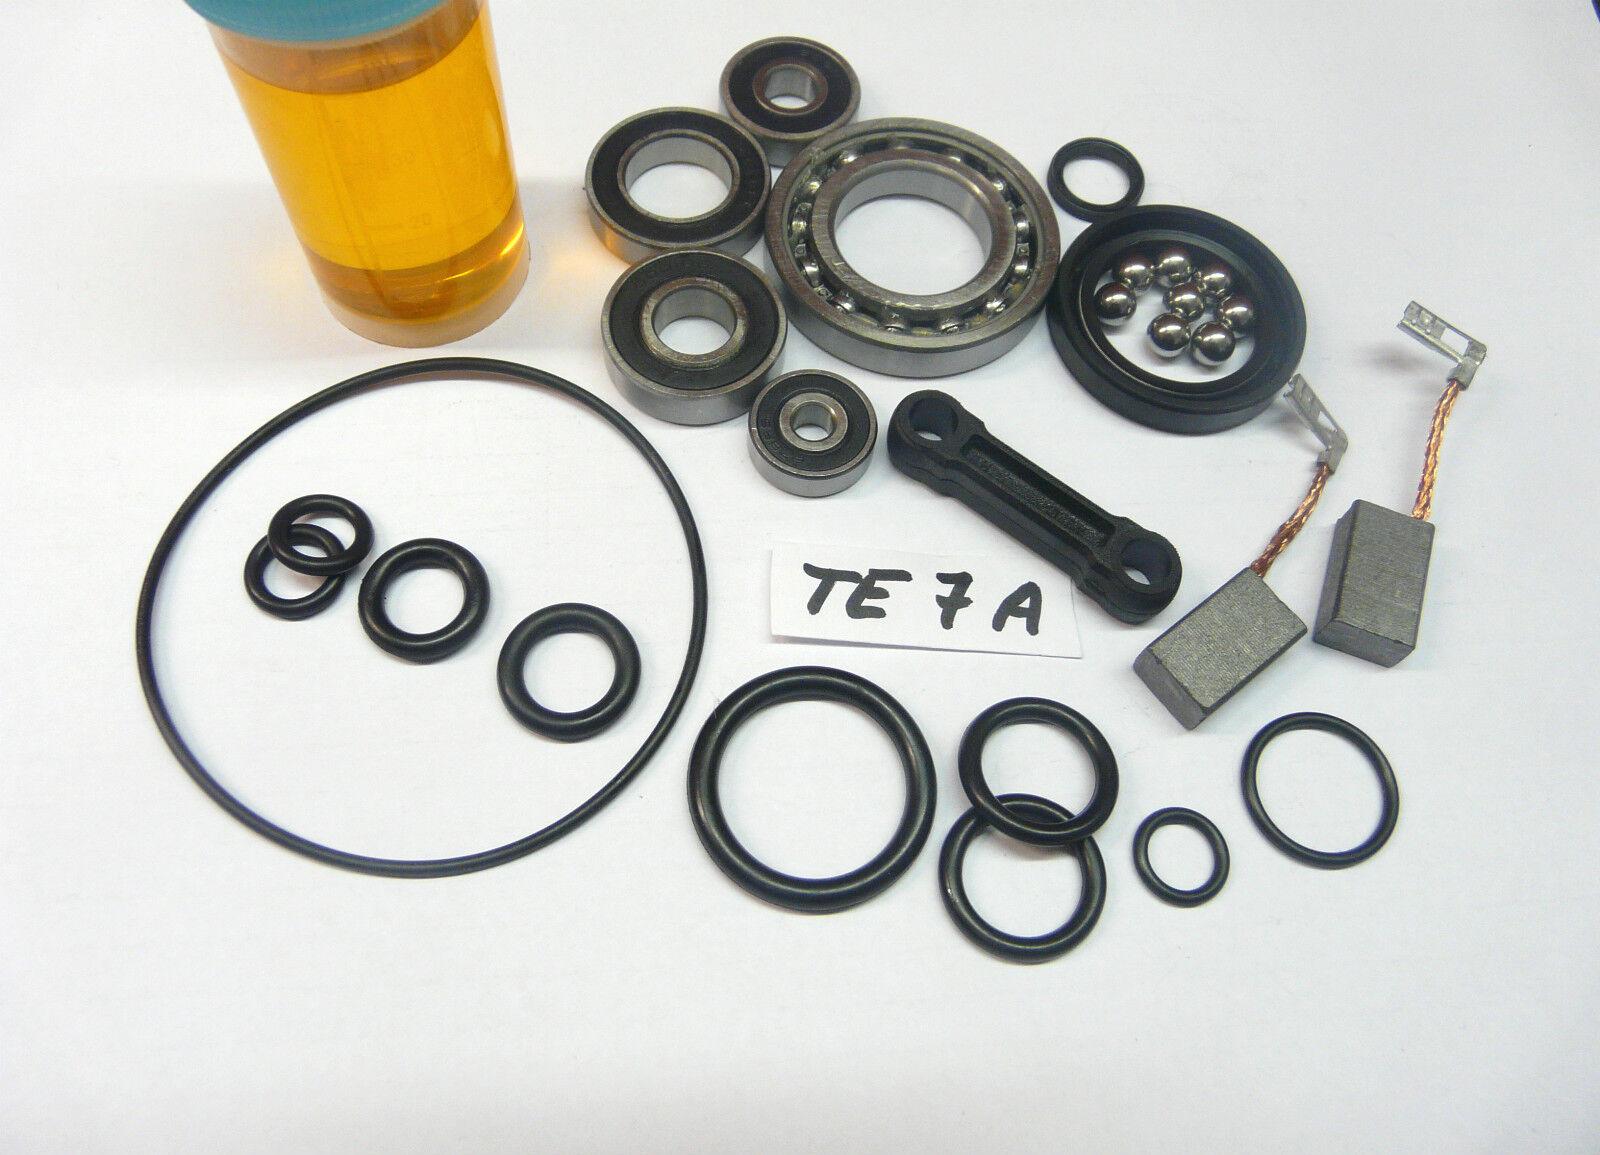 58 - Hilti TE 7-A Reparatursatz, Verschleißteilsatz + Pleuel